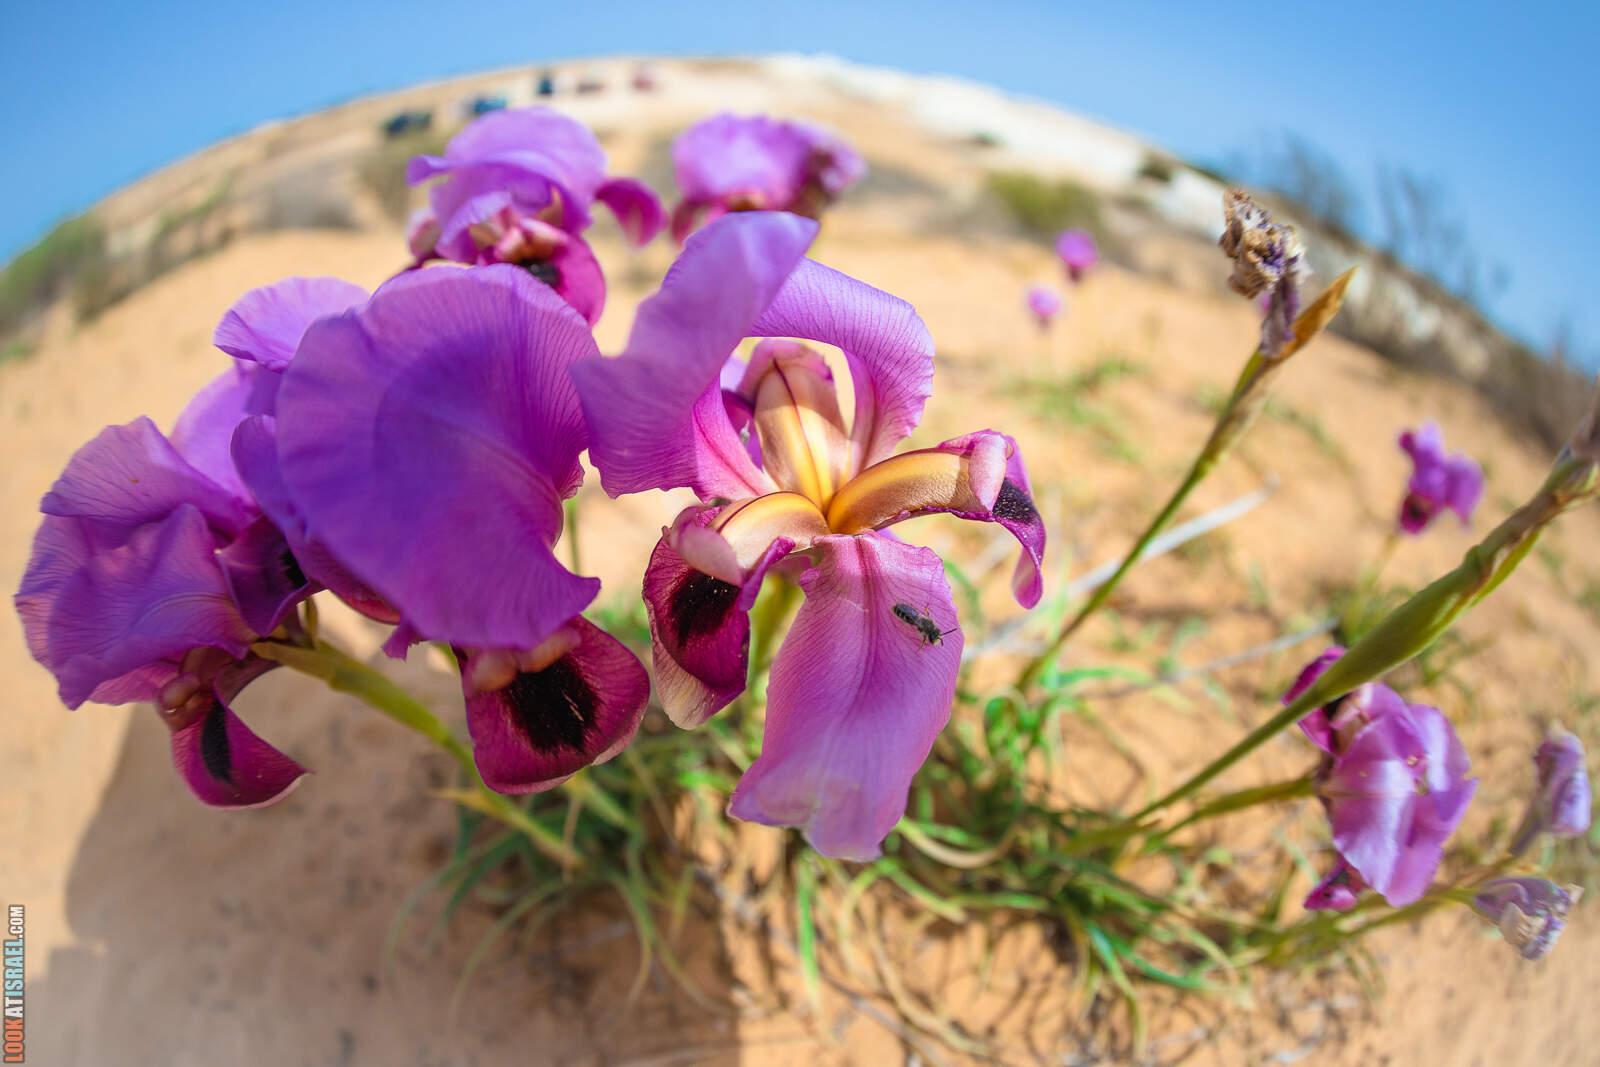 Ирис негевский | Iris mariae | אִירִיס הַנֶּגֶב | LookAtIsrael.com - Фото путешествия по Израилю